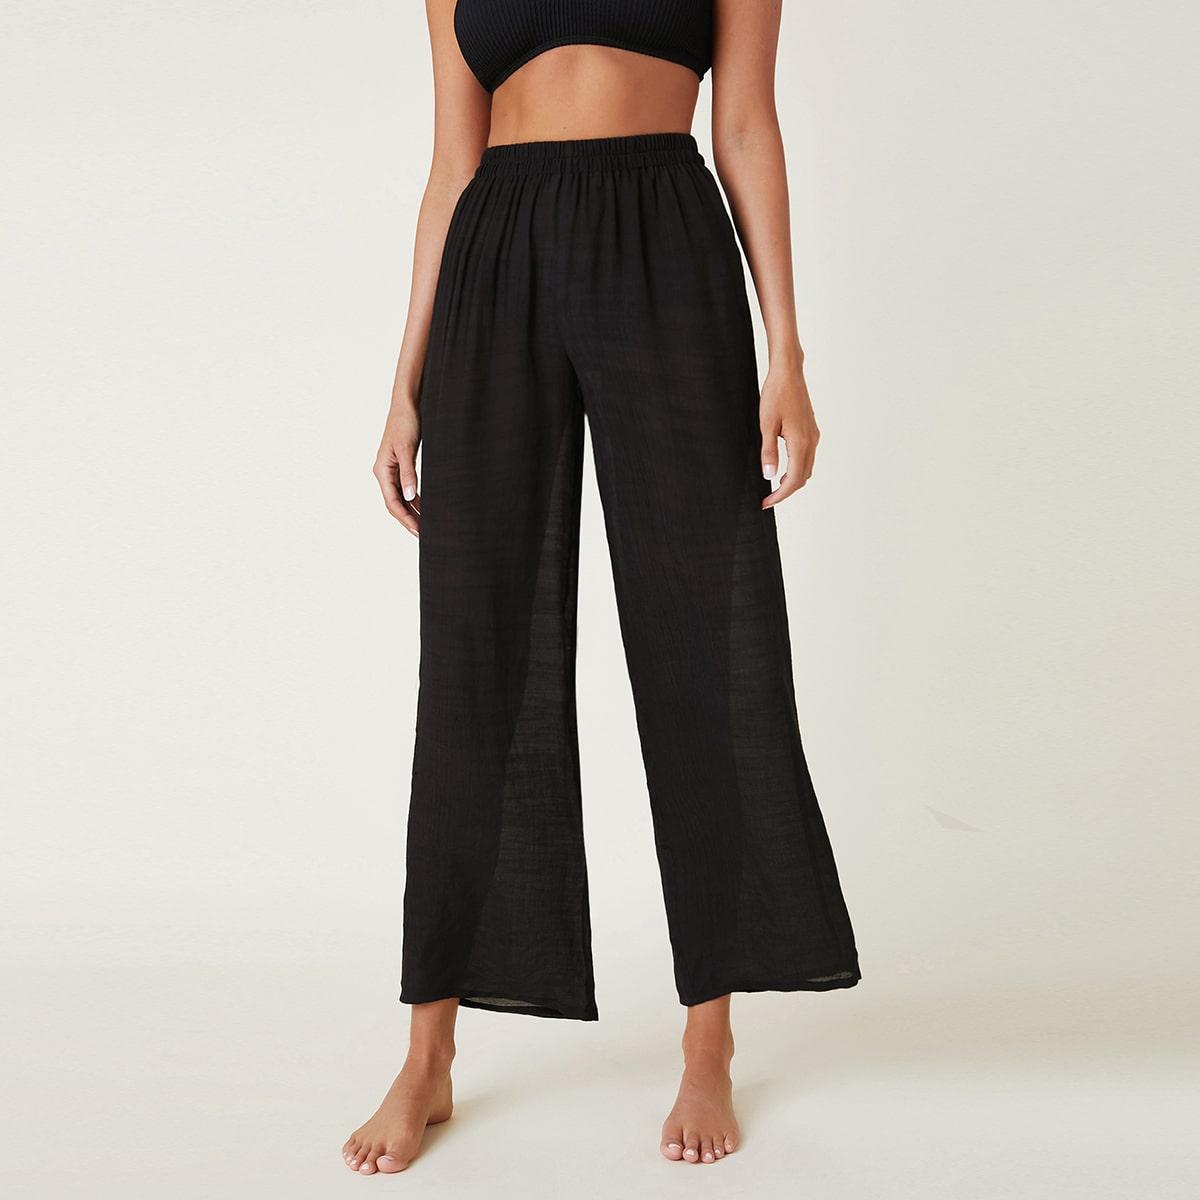 Однотонные прозрачные пляжные брюки по цене 600